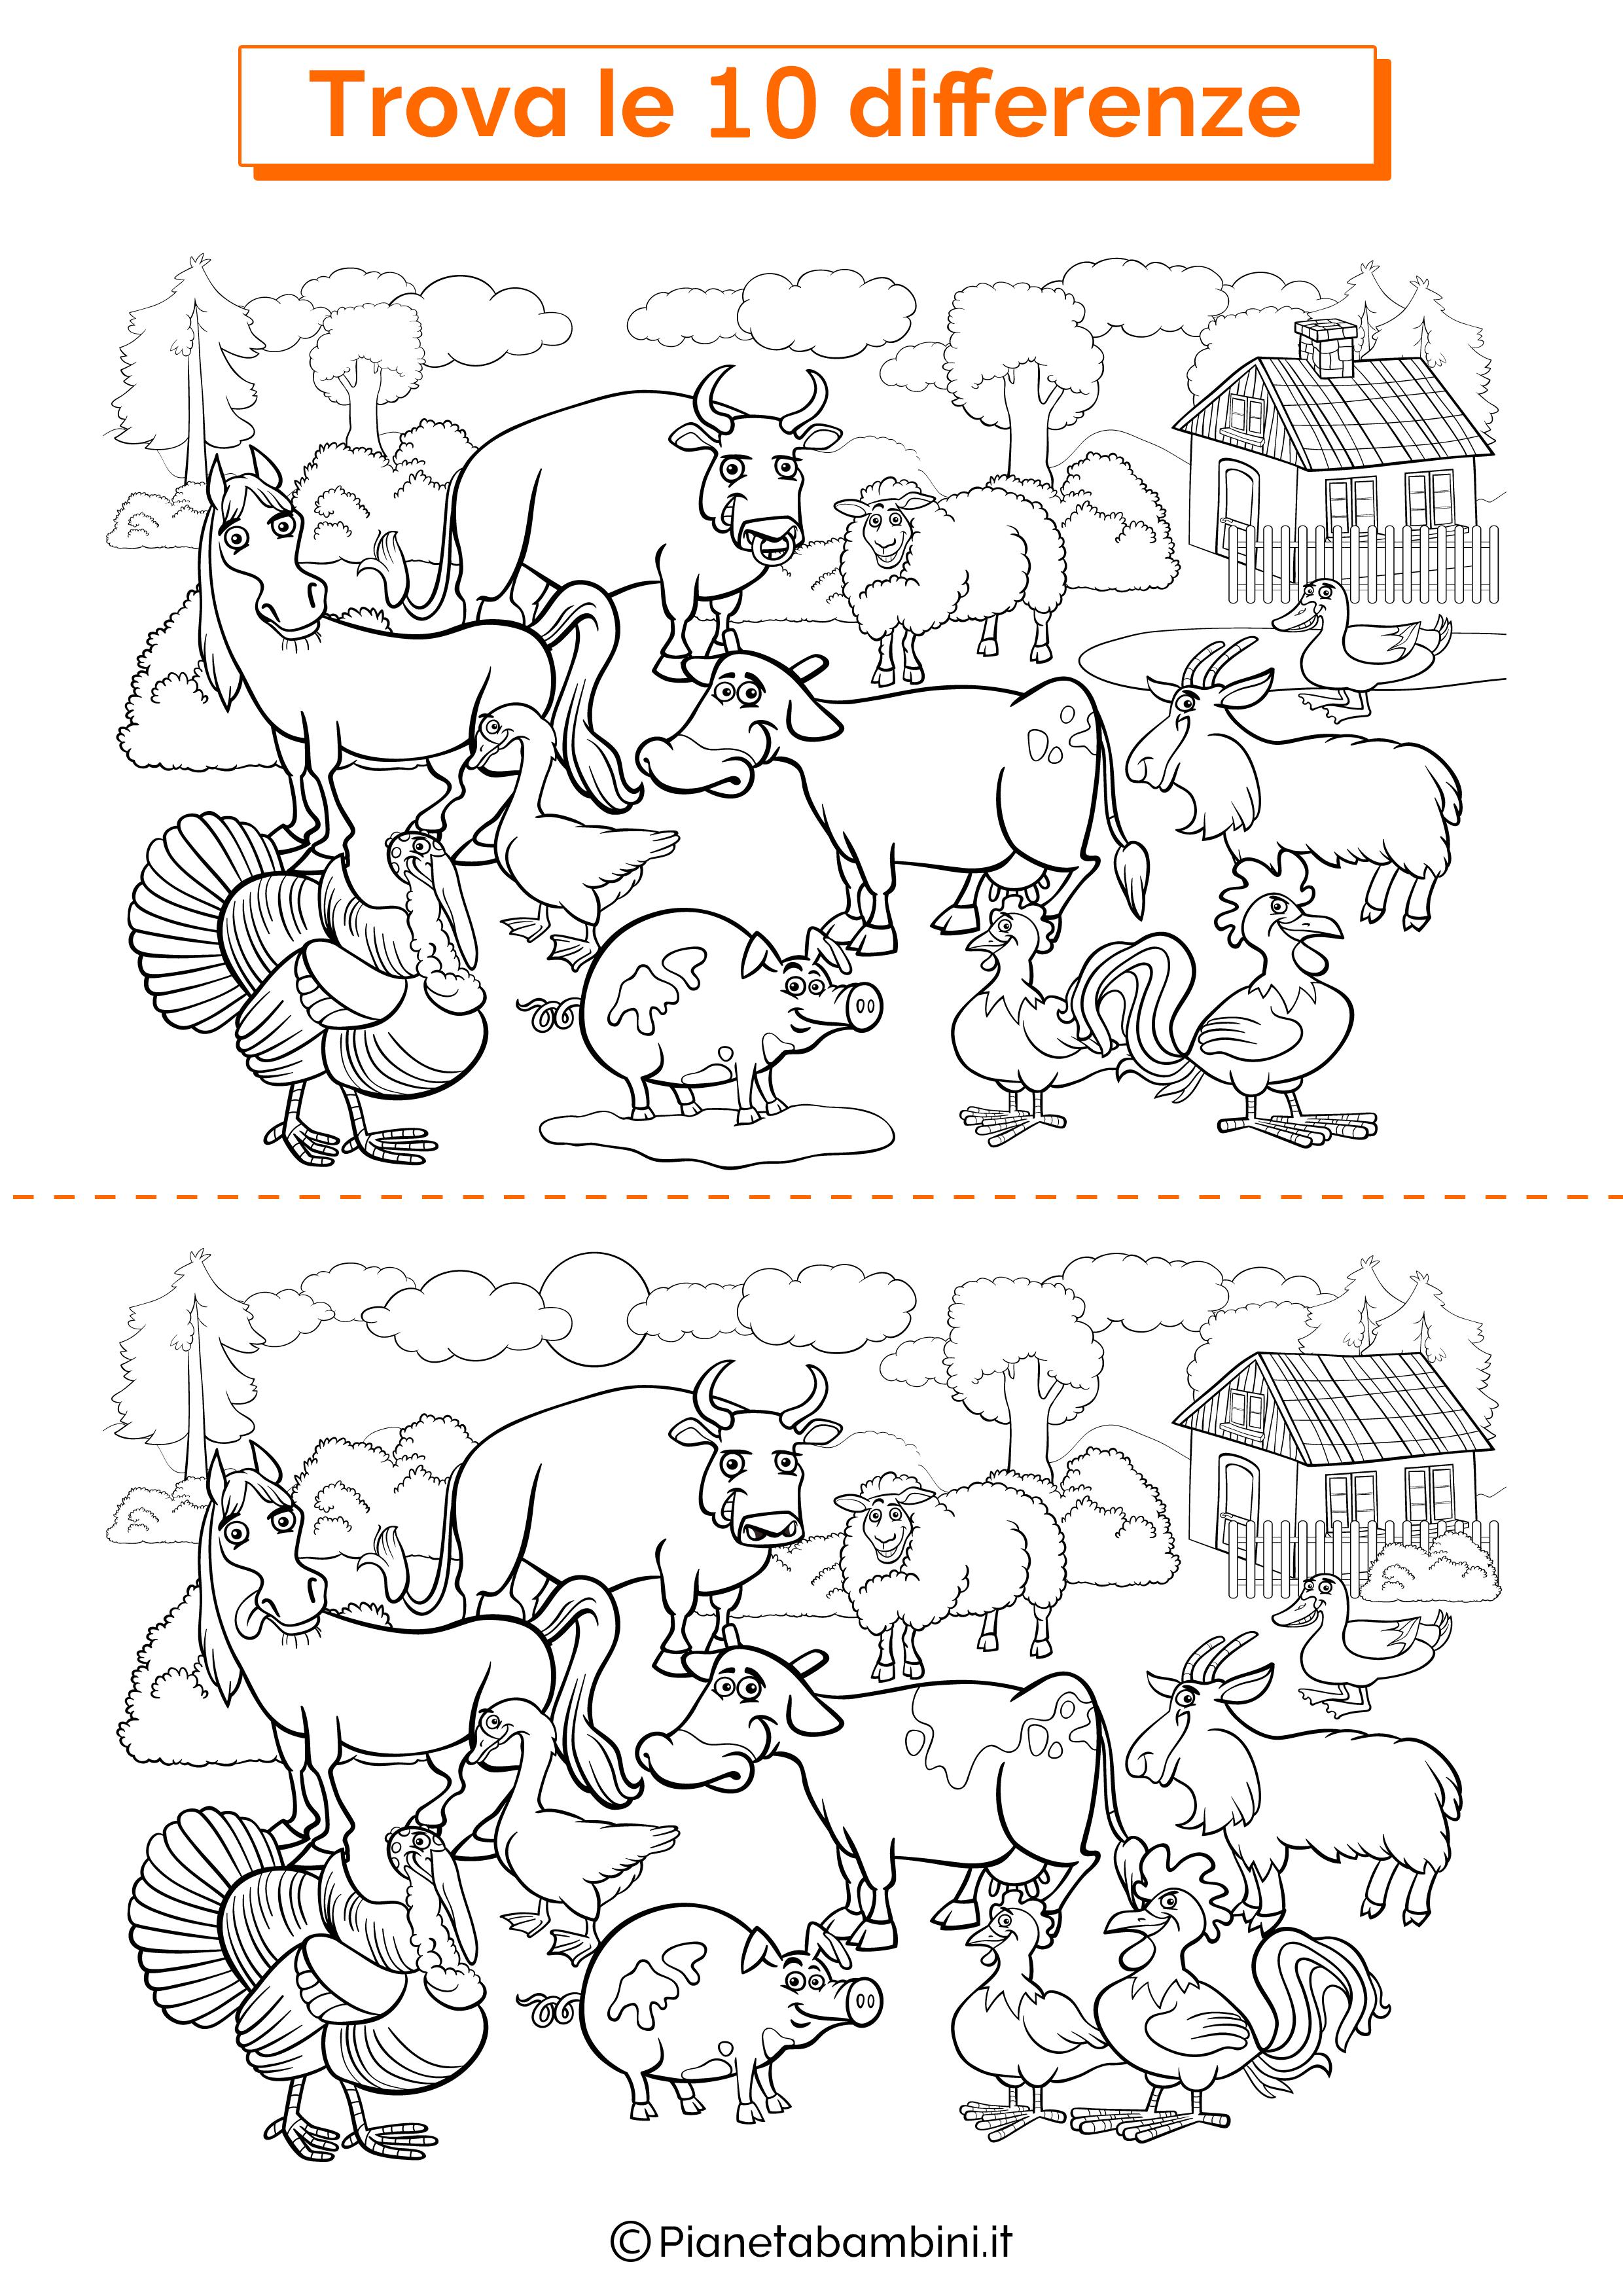 Disegno trova 10 differenze animali della fattoria 2